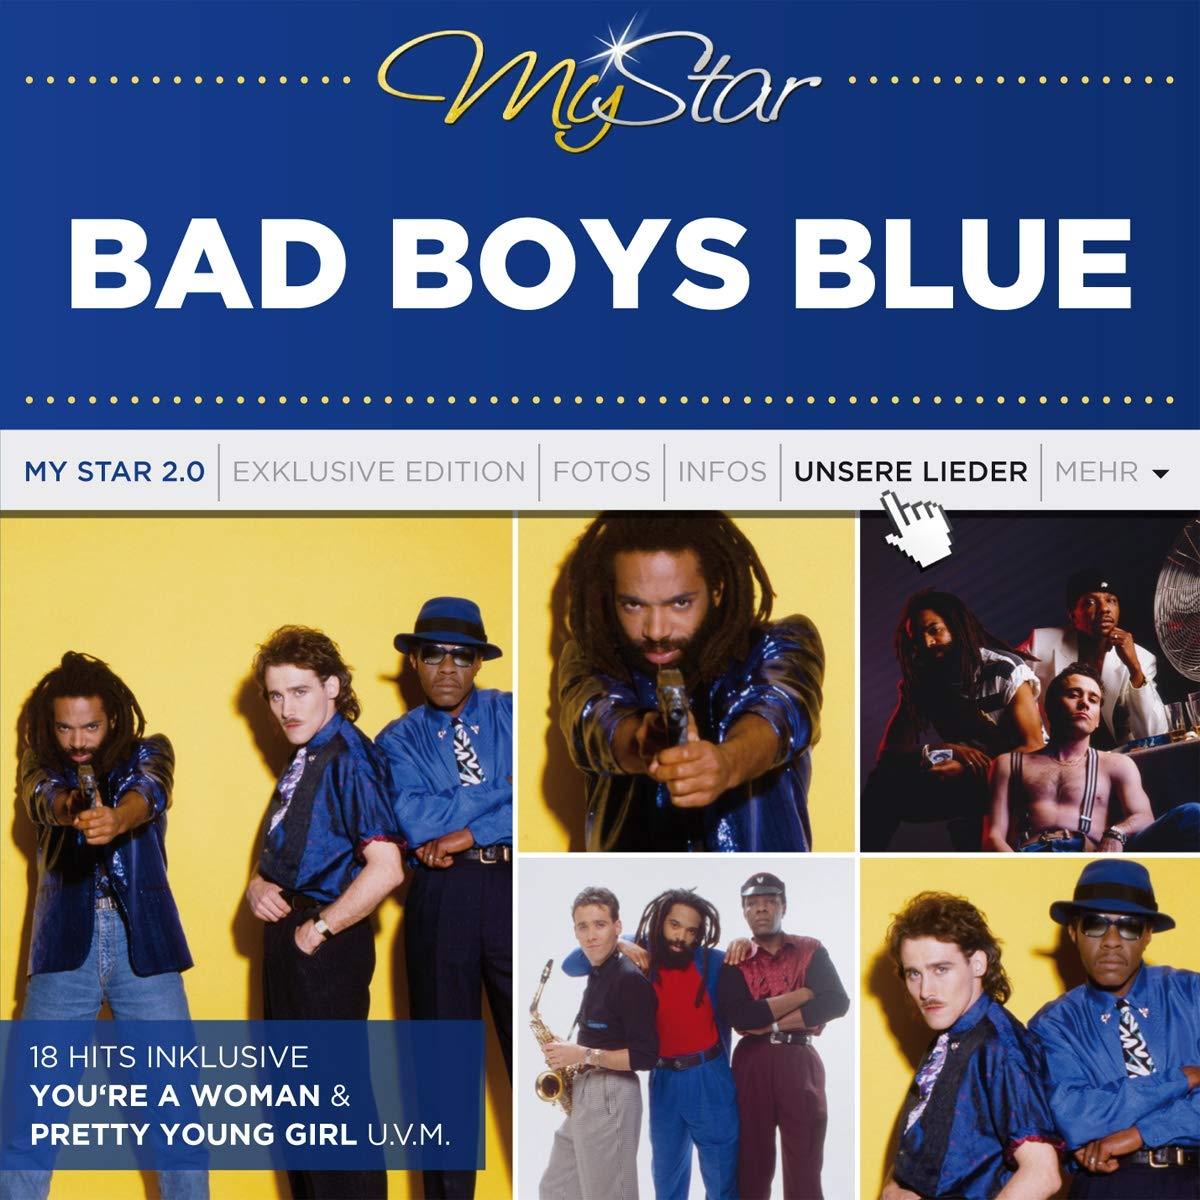 https://smago.de/schlager/bad-boys-blue-die-cd-my-star-vereint-ihre-groessten-erfolge/